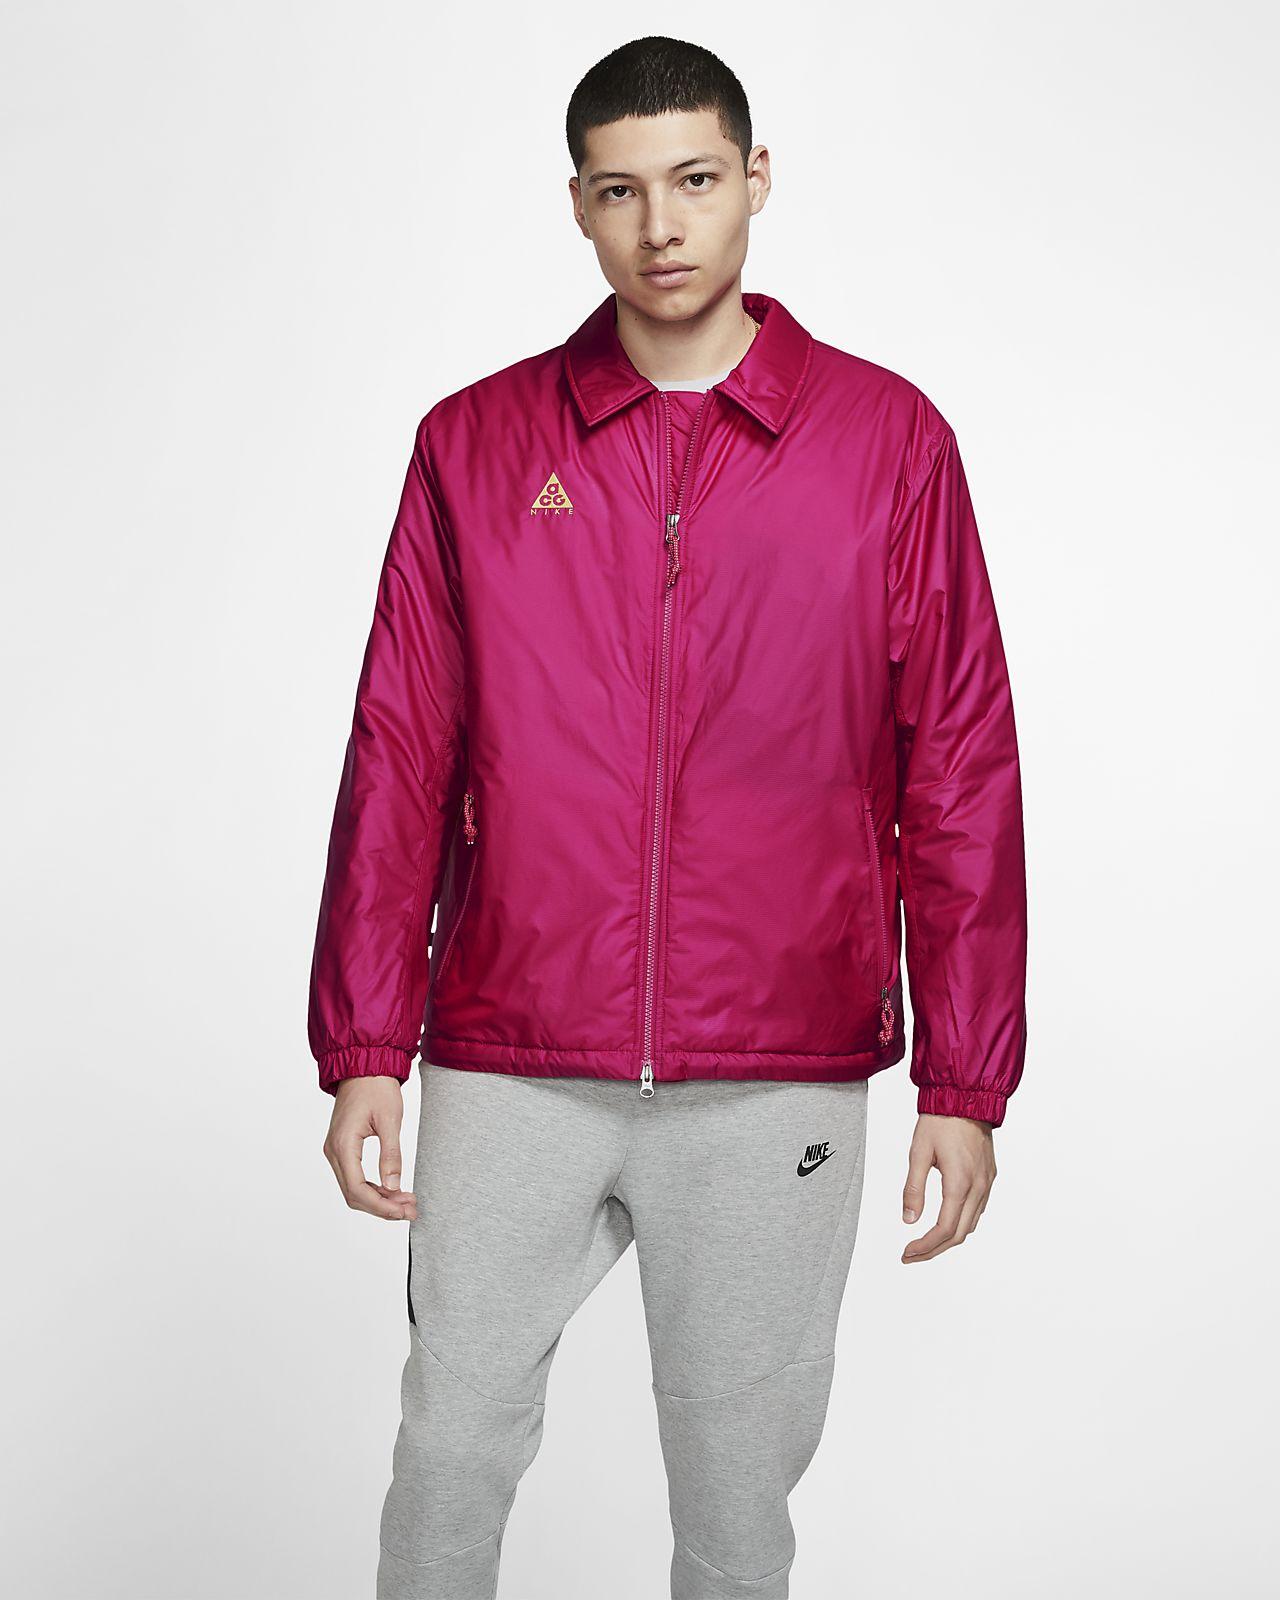 Veste Nike ACG PrimaLoft® pour Homme